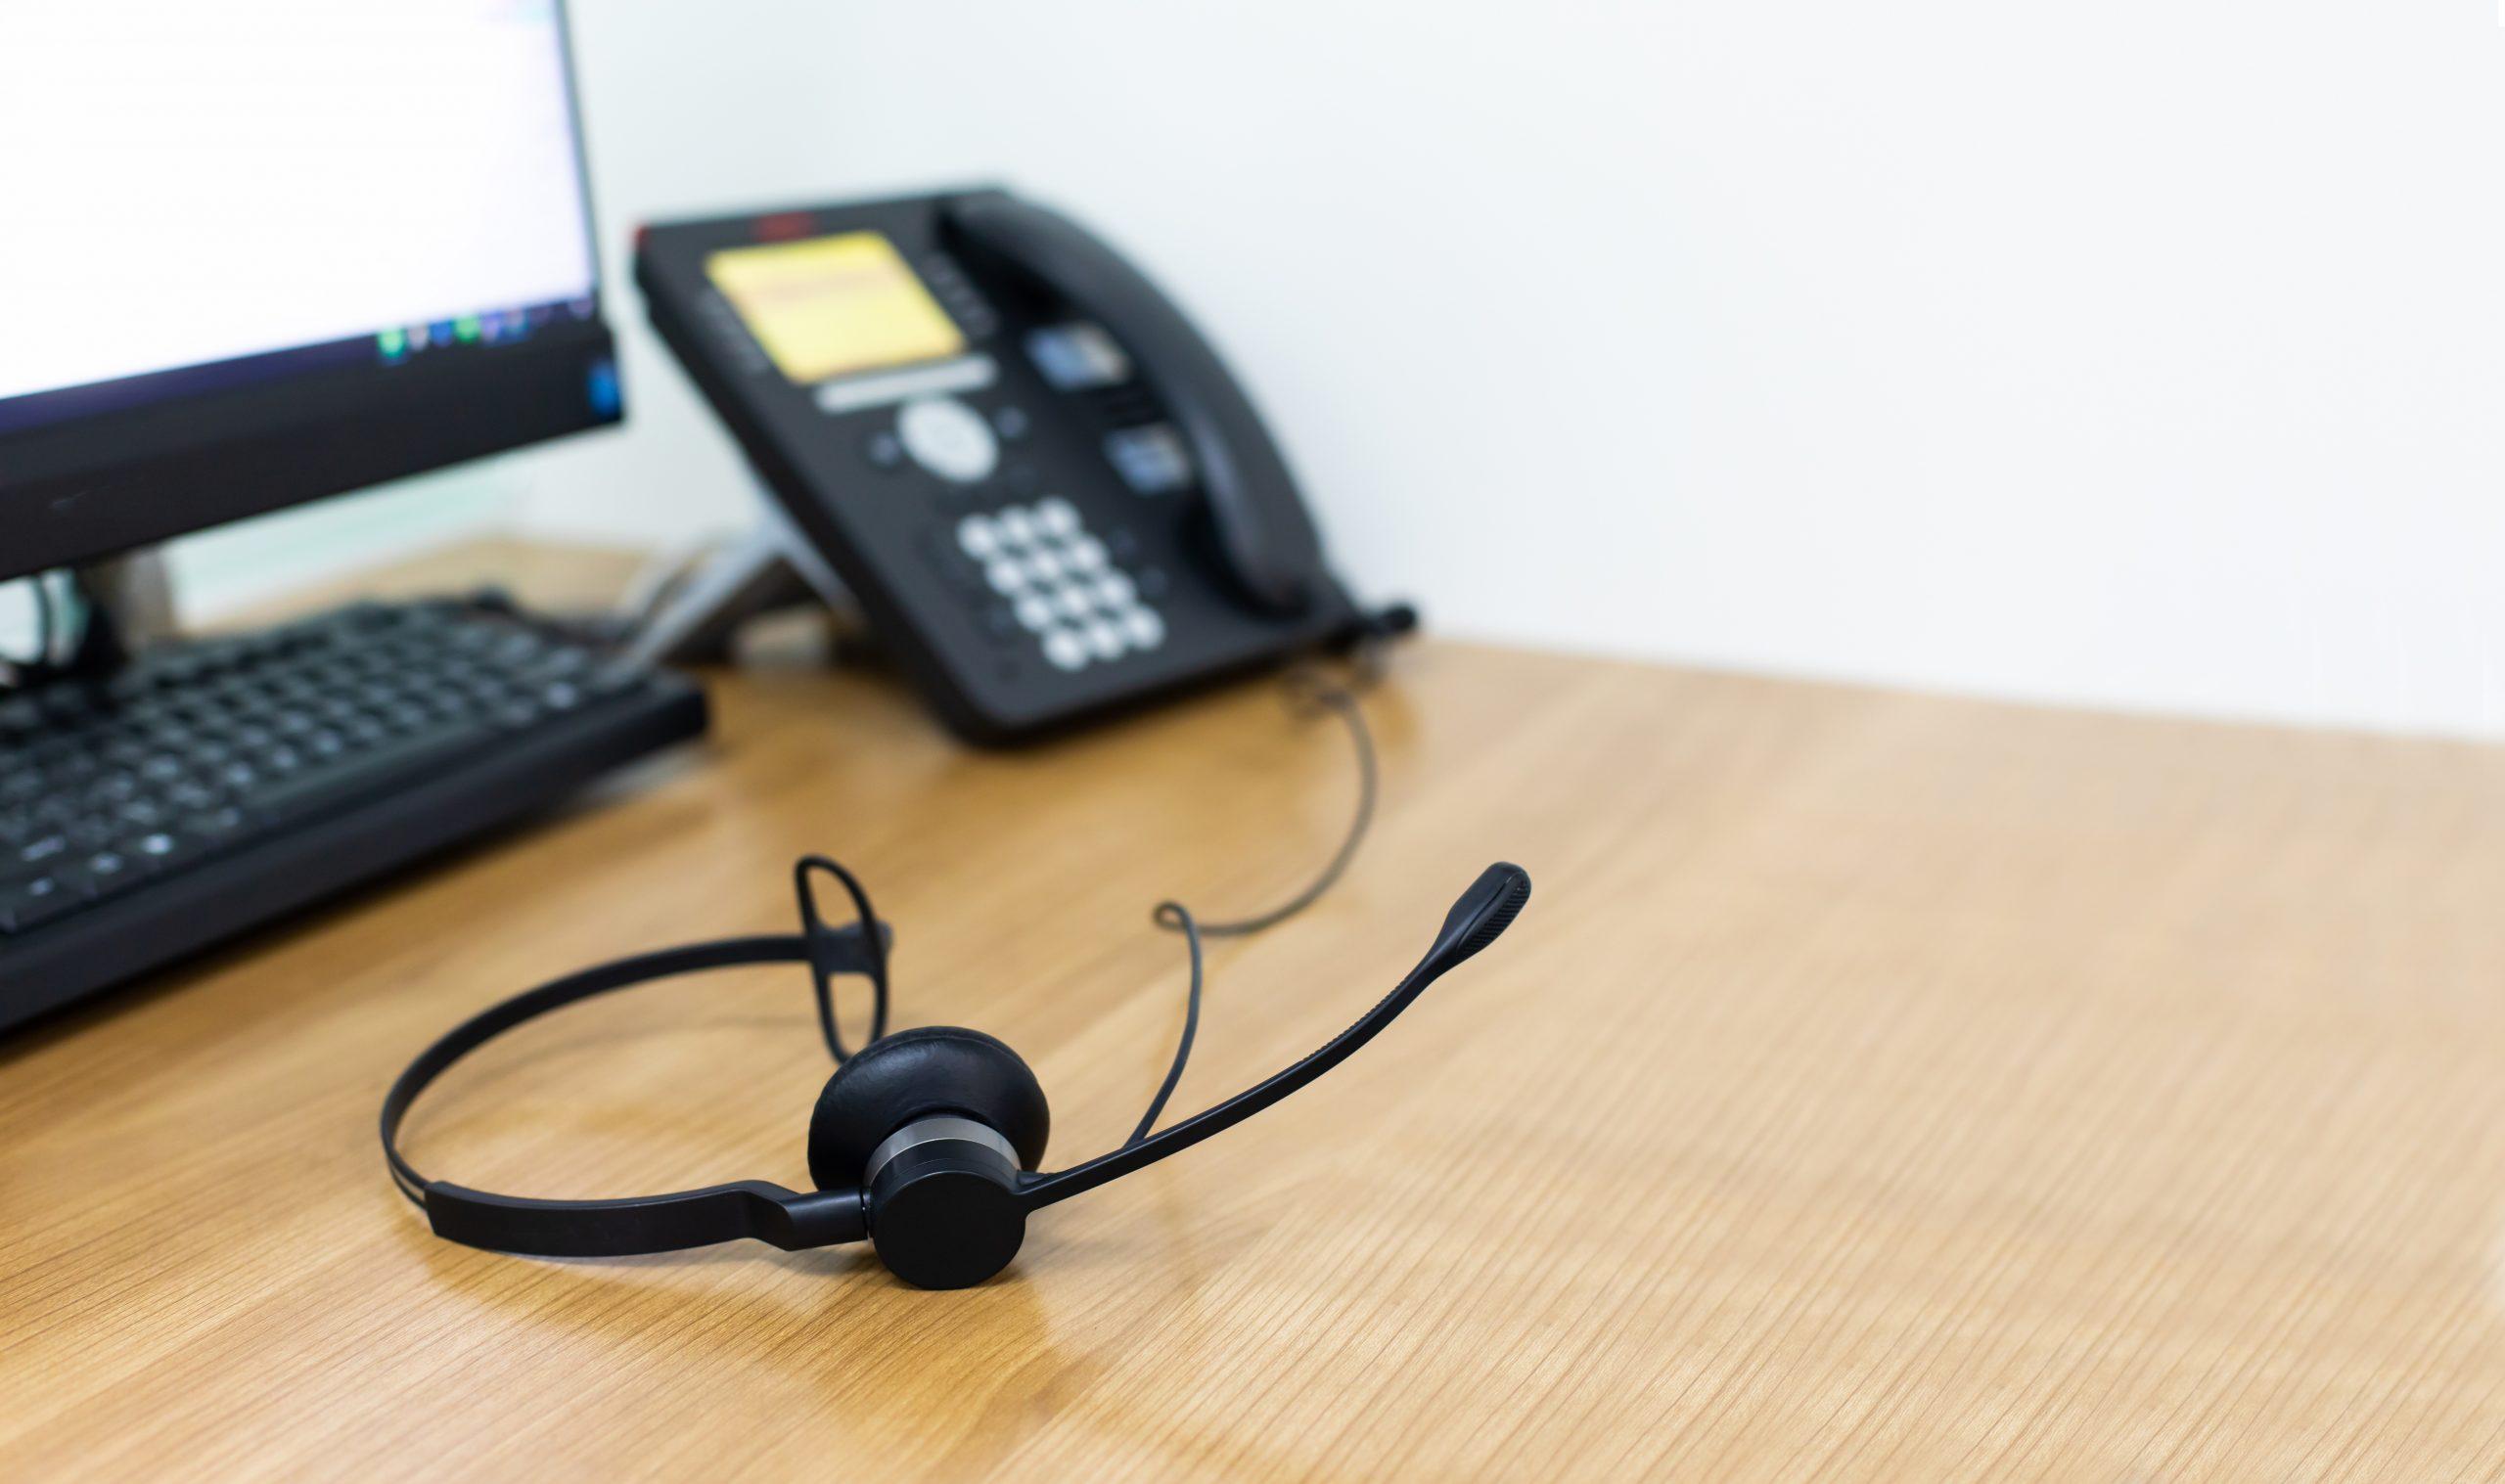 Wat doet een inbound callcenter?